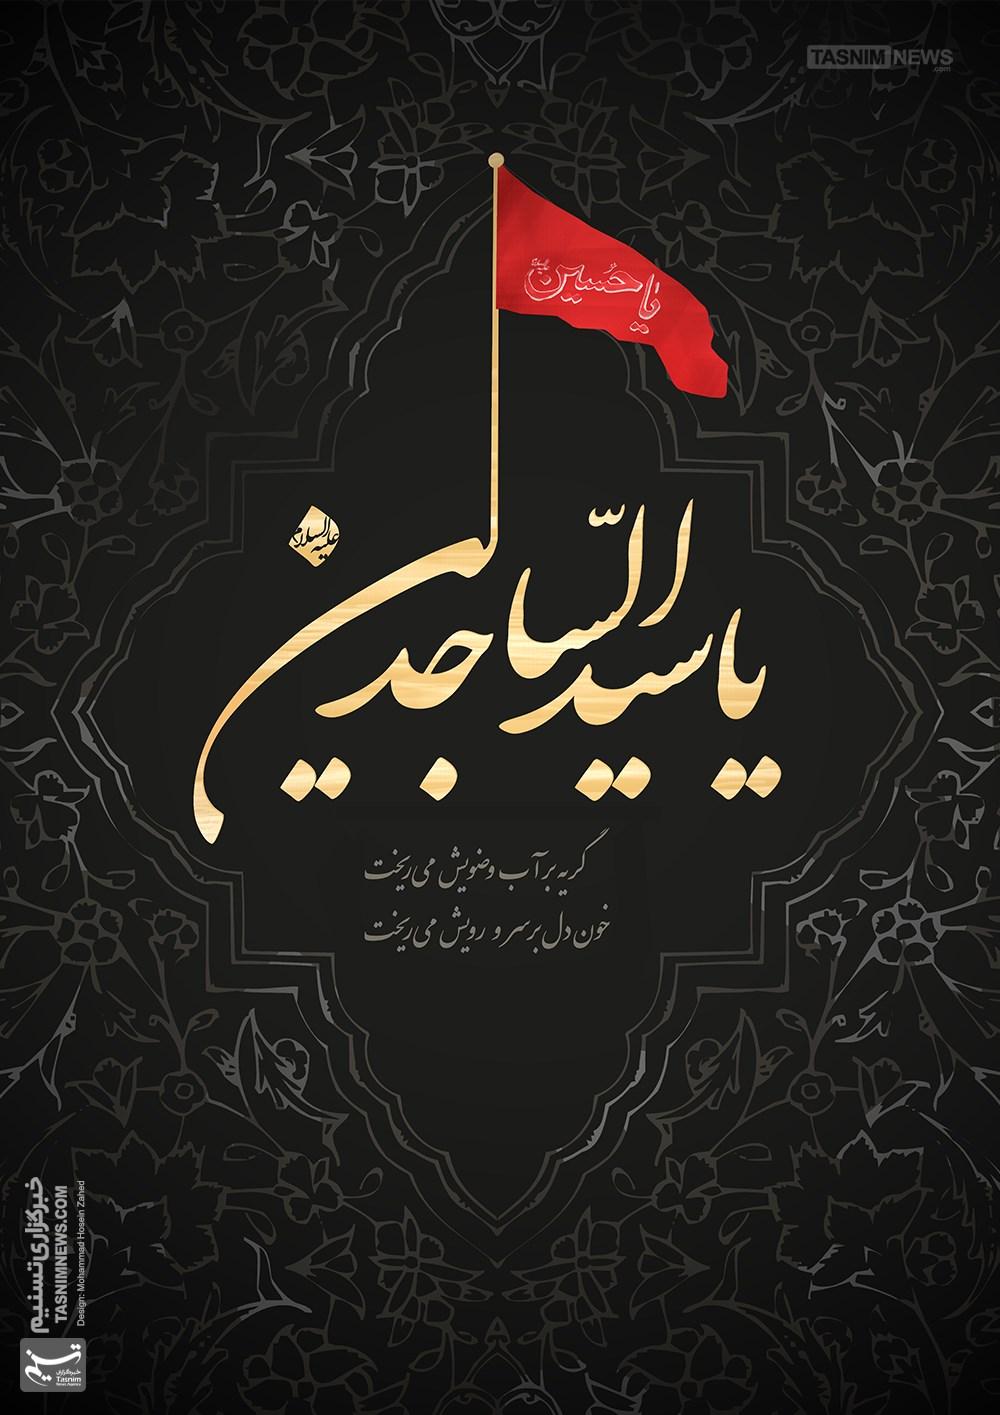 نتیجه تصویری برای امام سجاد